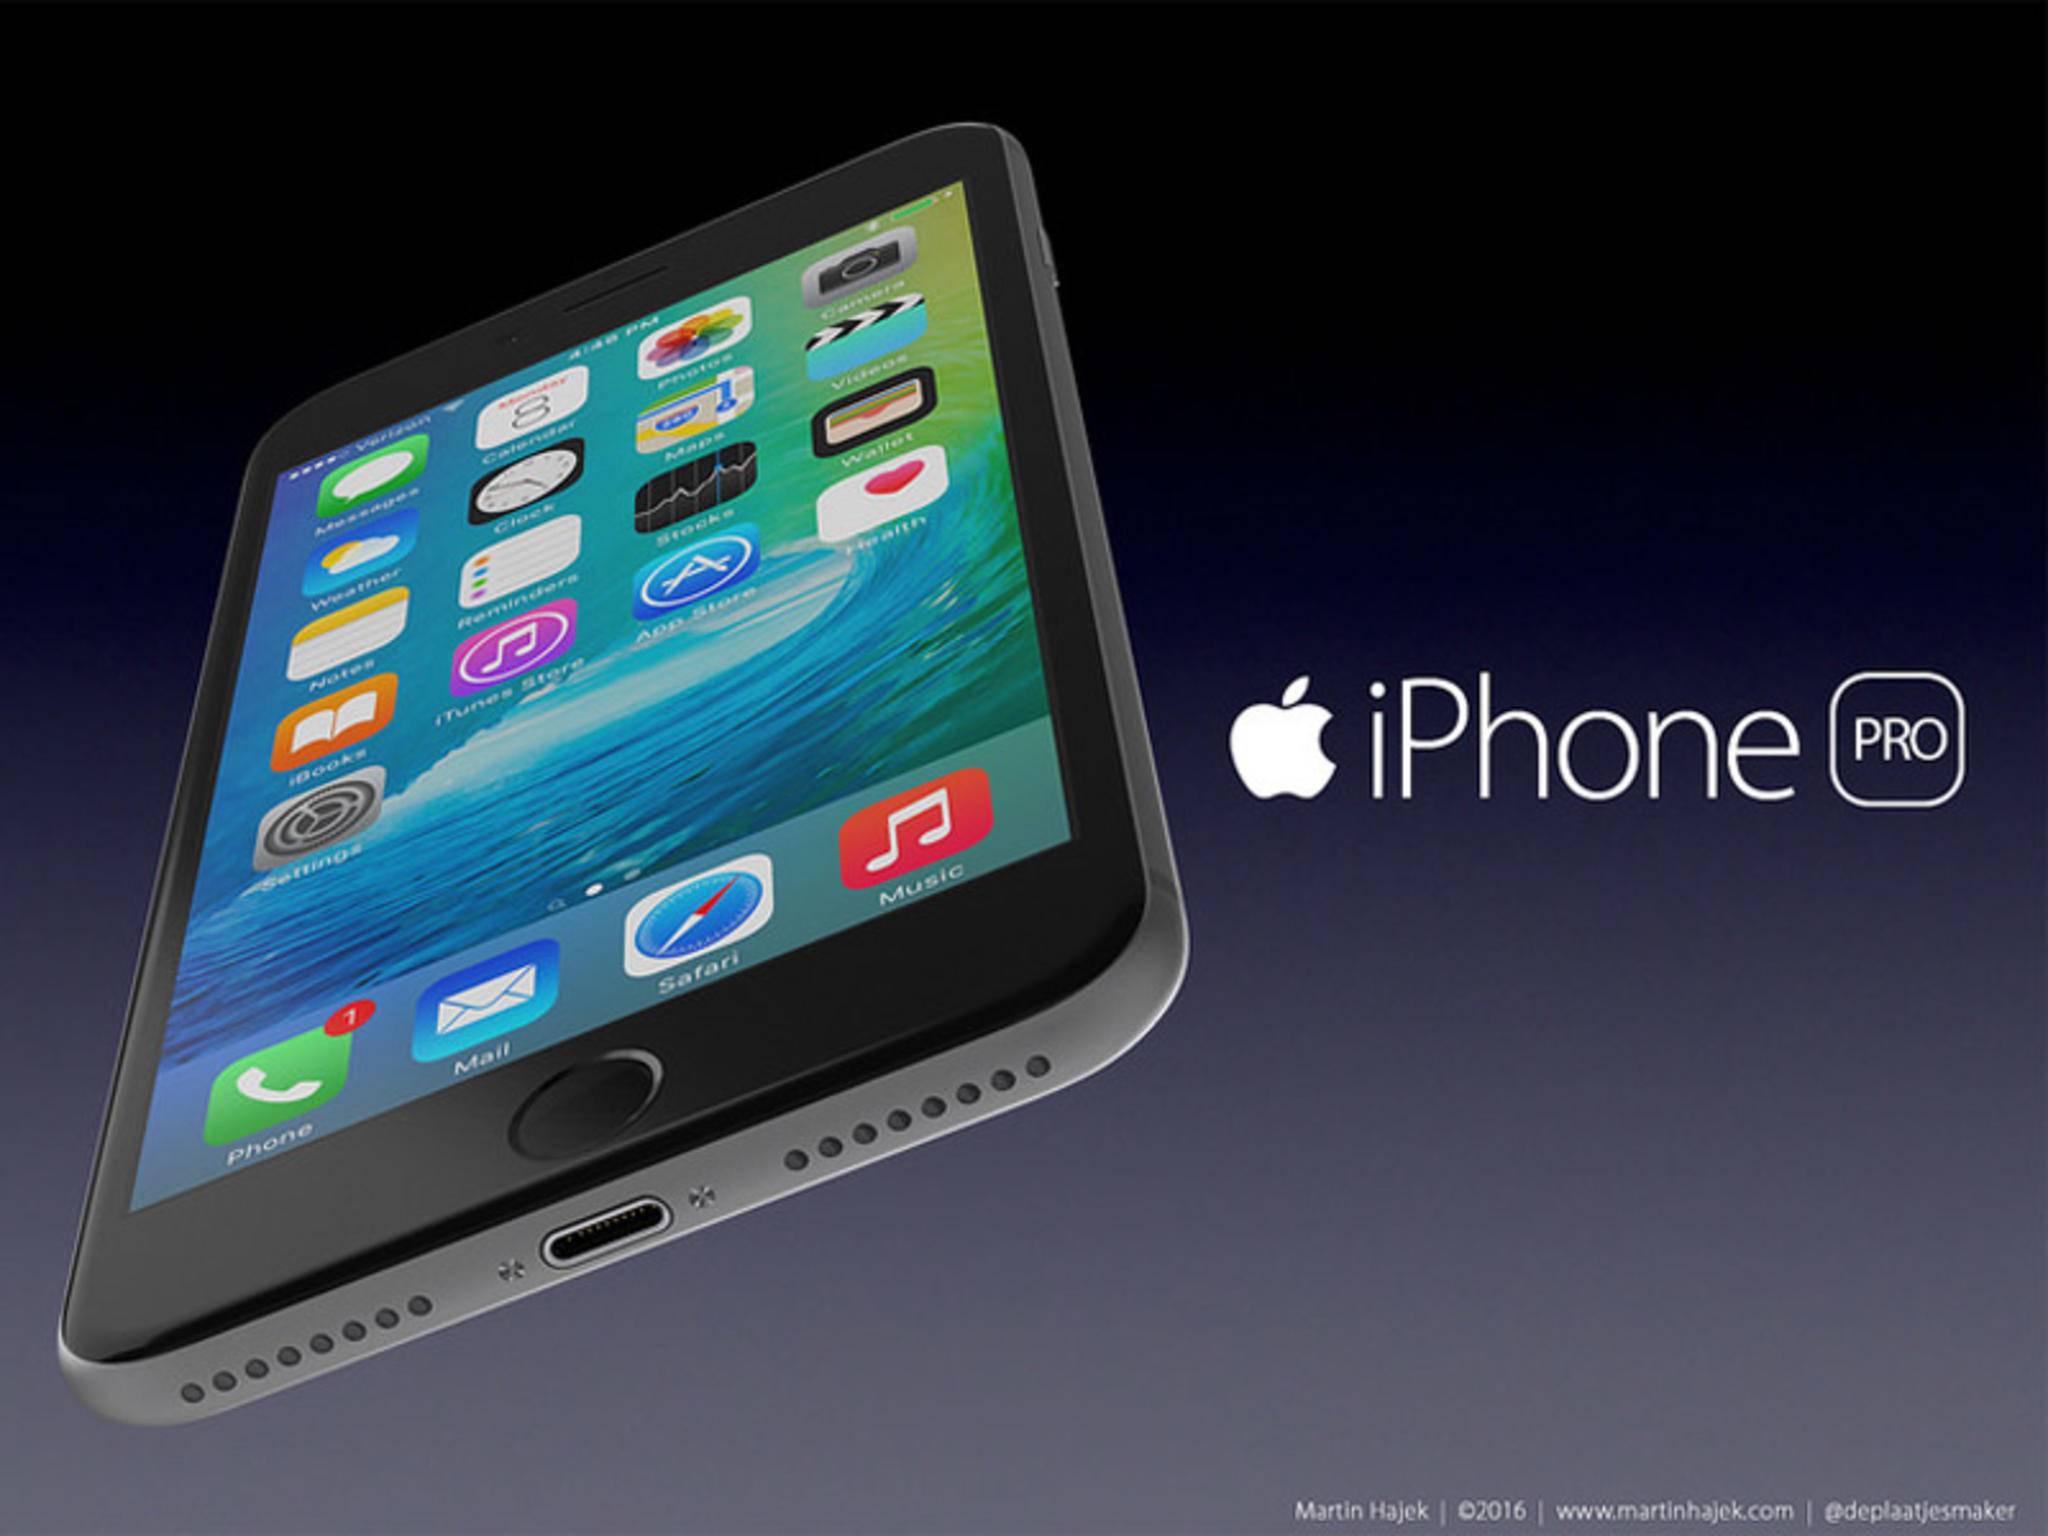 So könnte das iPhone Pro alias iPhone 7 Plus aussehen.